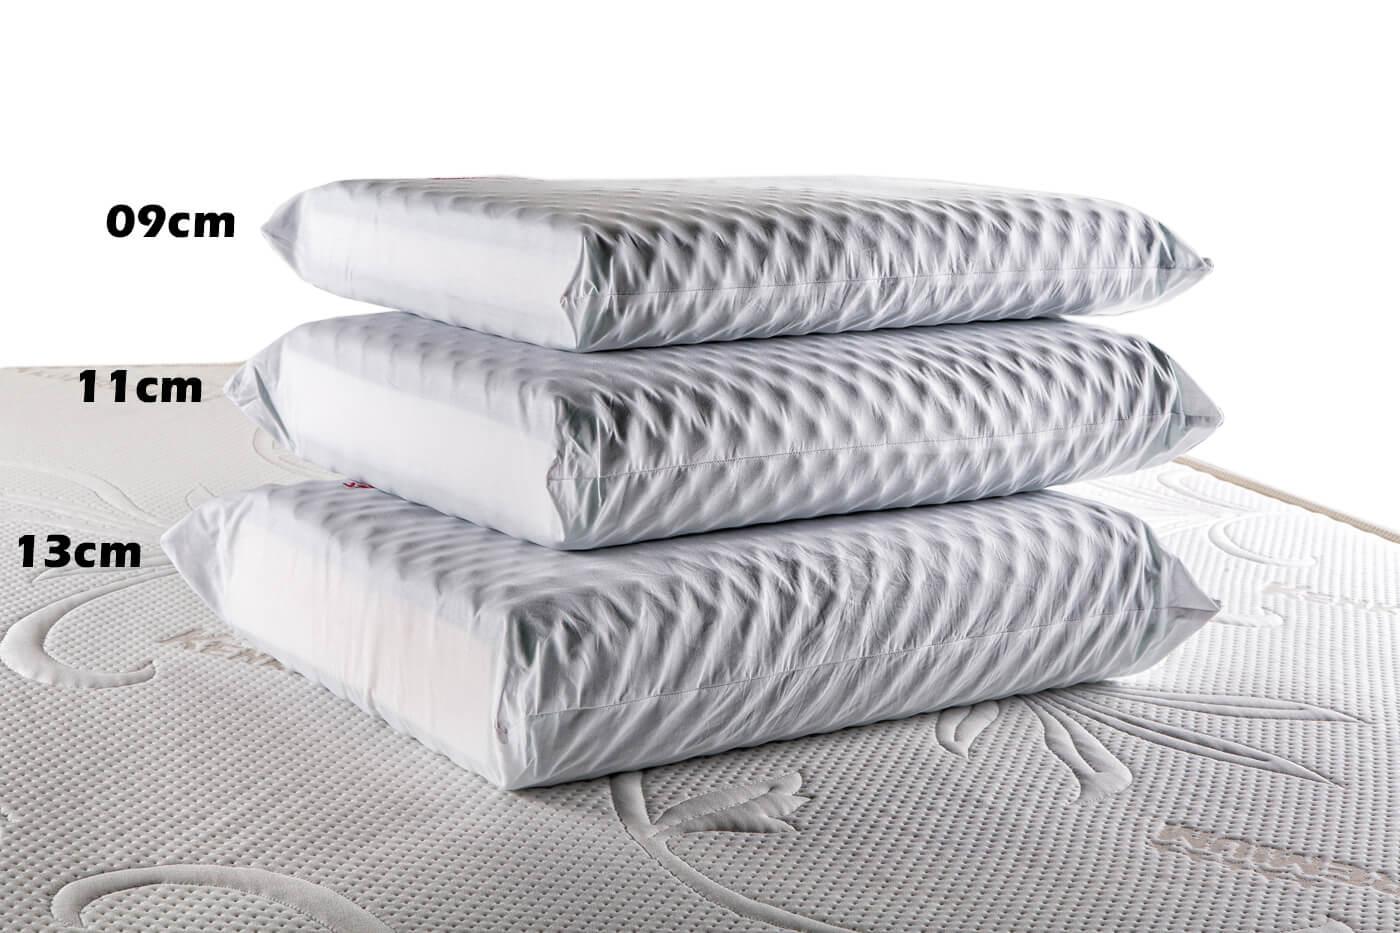 Travesseiro Magnético  Luxo Reto 13cm Two Faces Kenko Premium  - Kenko Premium Colchões